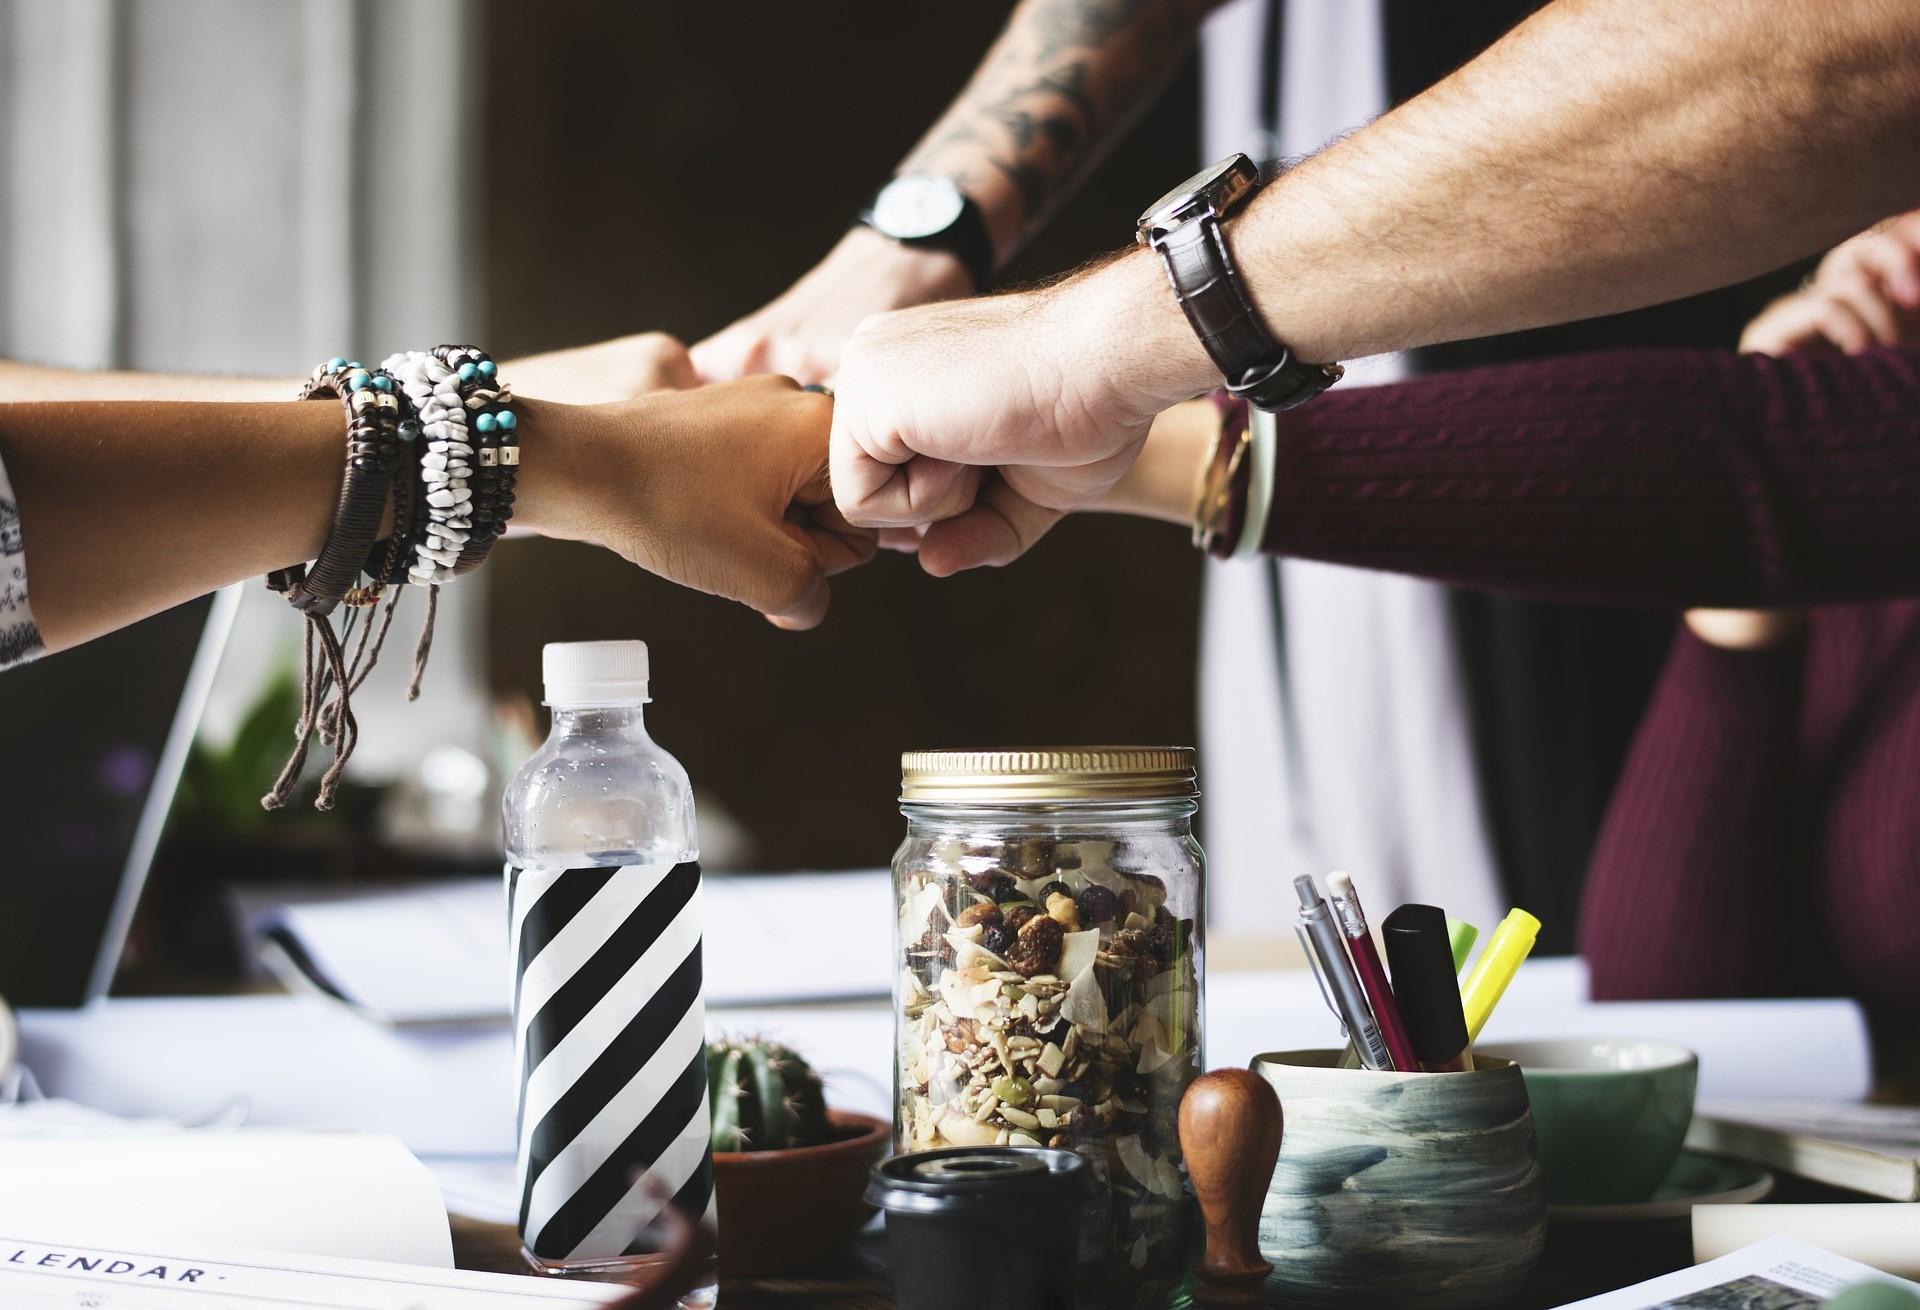 Como criar relacionamentos positivos e duradouros?